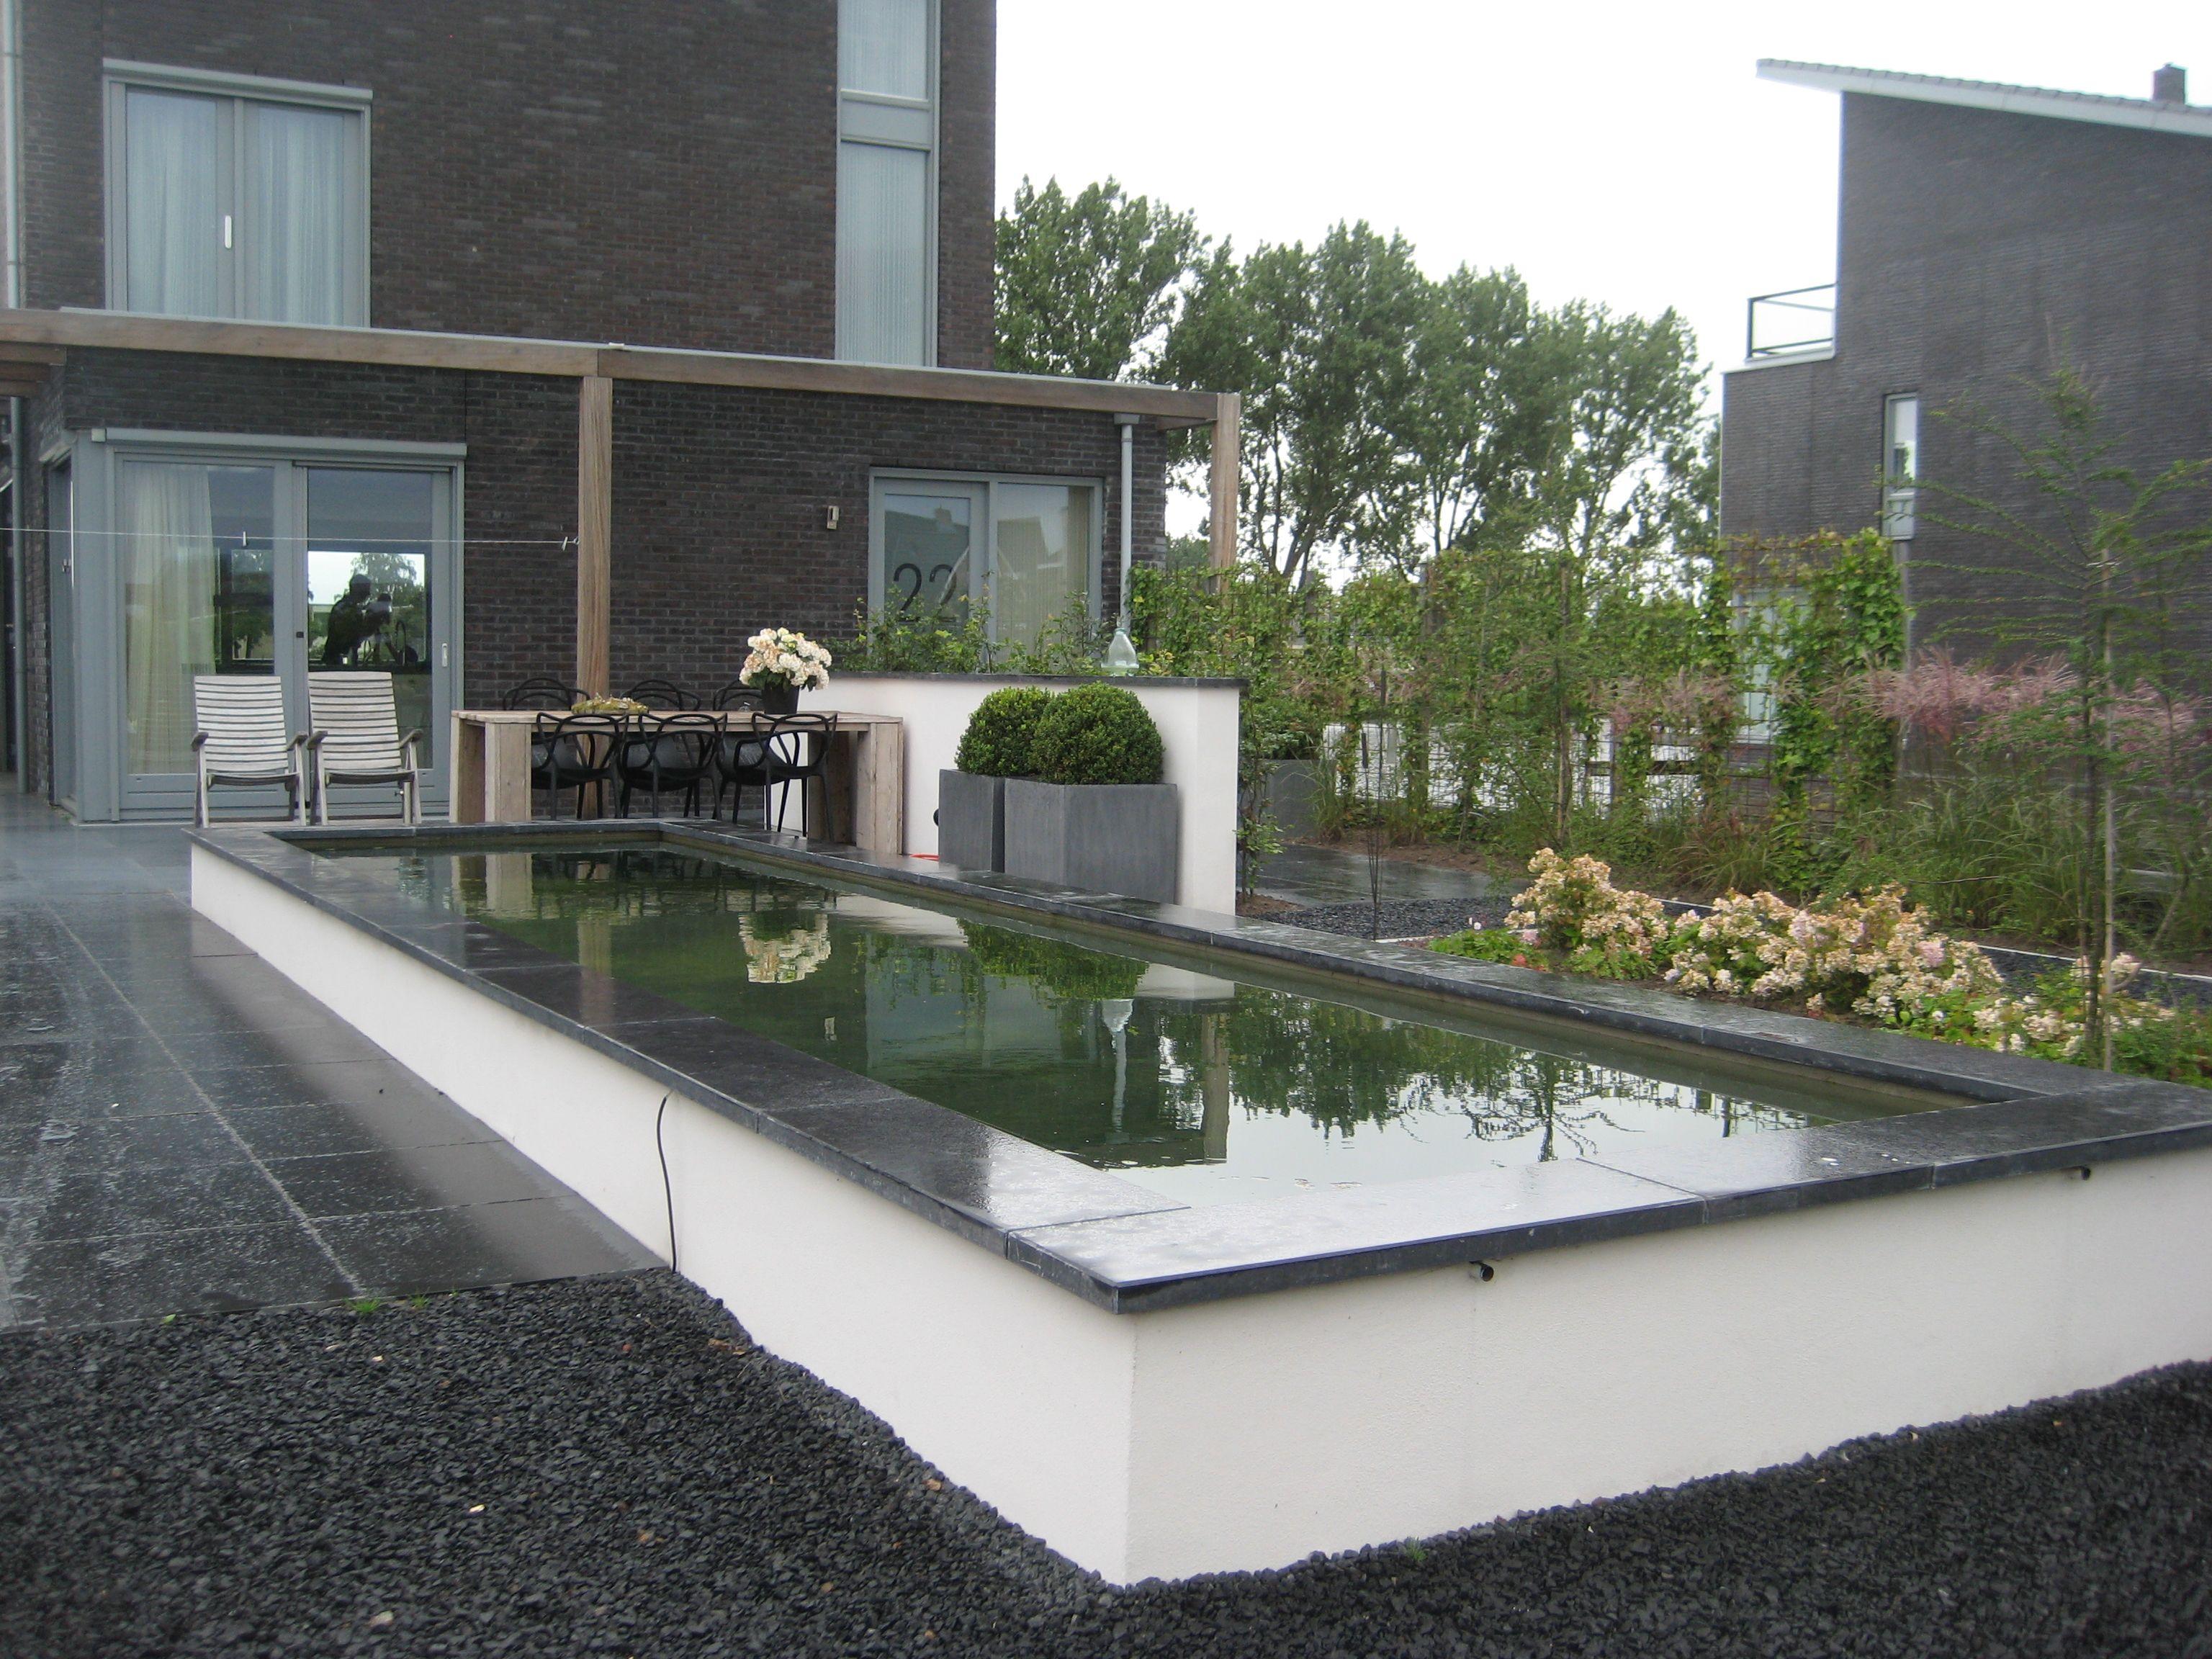 De priv tuin met strakke vijver rechts achter de voordeur te zien strakke moderne tuin sneek - Te dekken moderne tuin ...